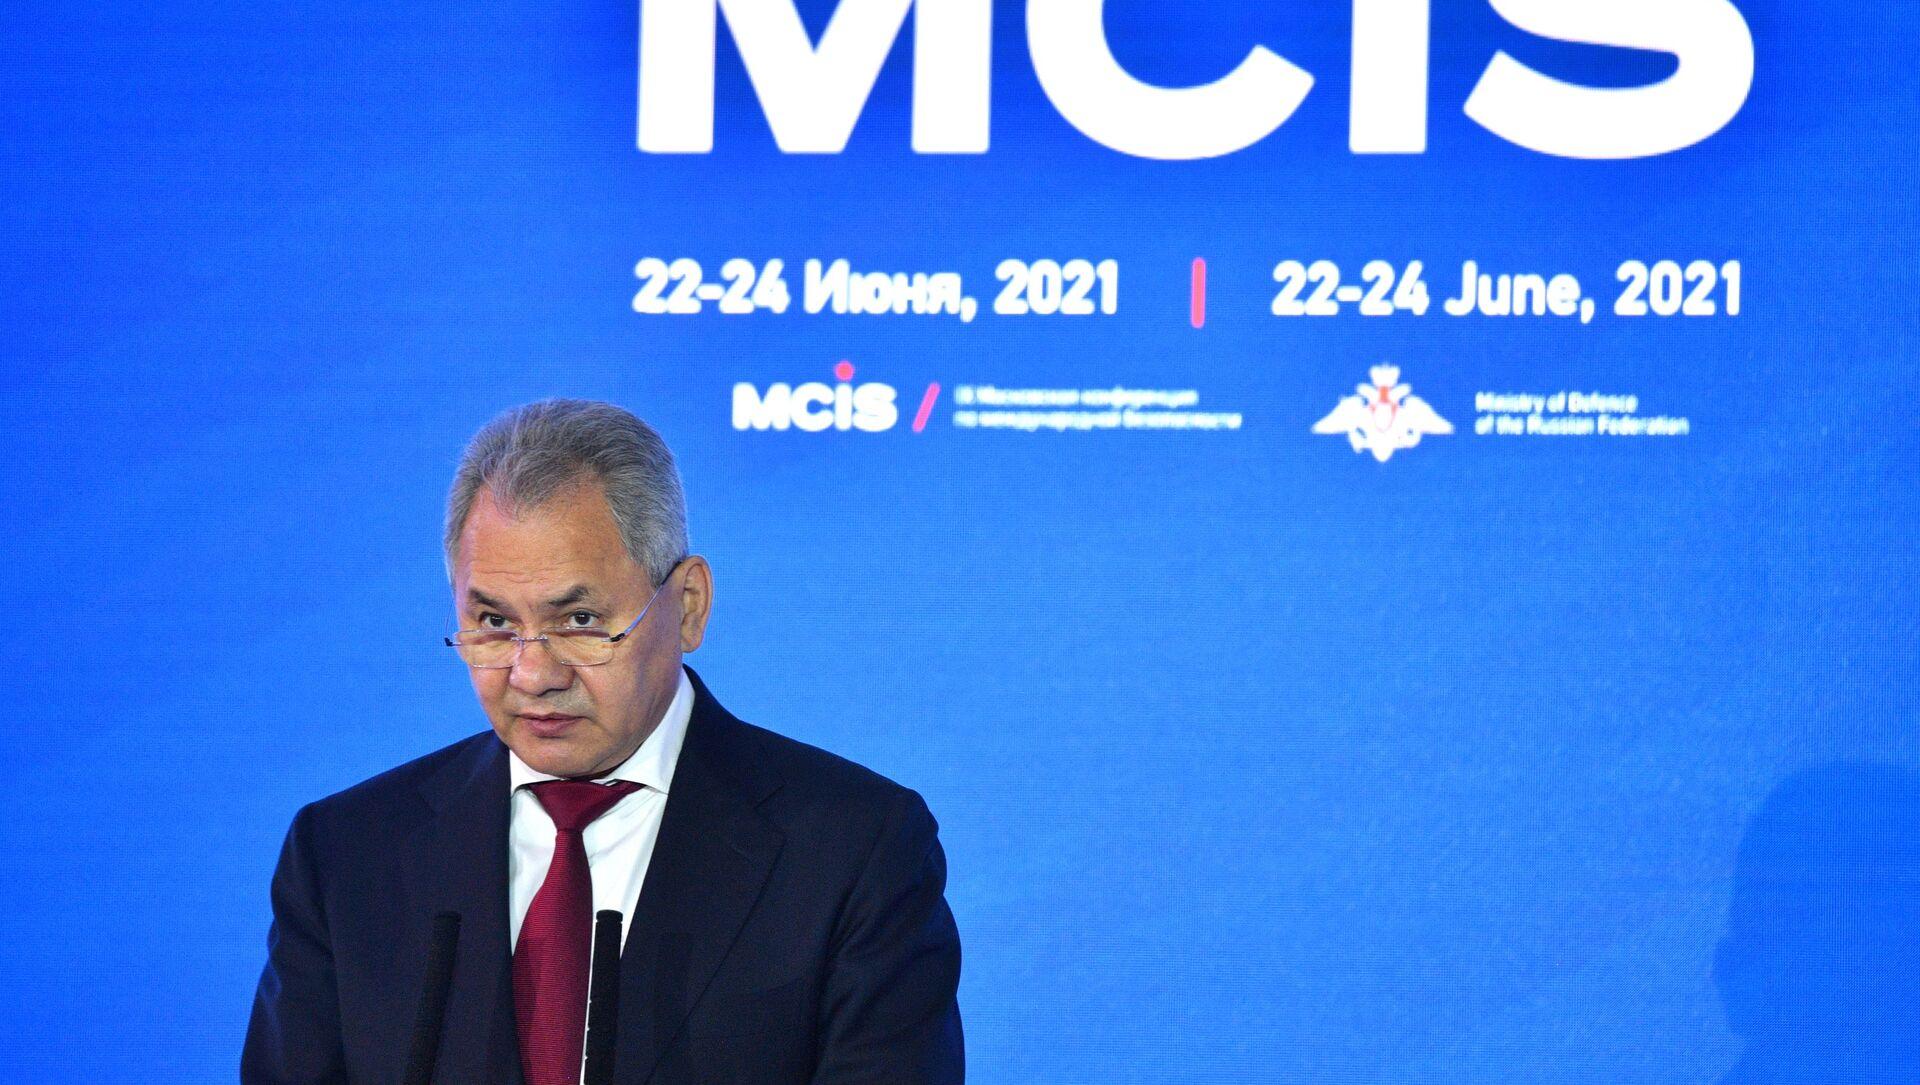 Bộ trưởng Quốc phòng Nga Sergei Shoigu phát biểu tại Hội nghị Mátxcơva lần thứ IX về An ninh Quốc tế ở Mátxcơva. - Sputnik Việt Nam, 1920, 23.06.2021